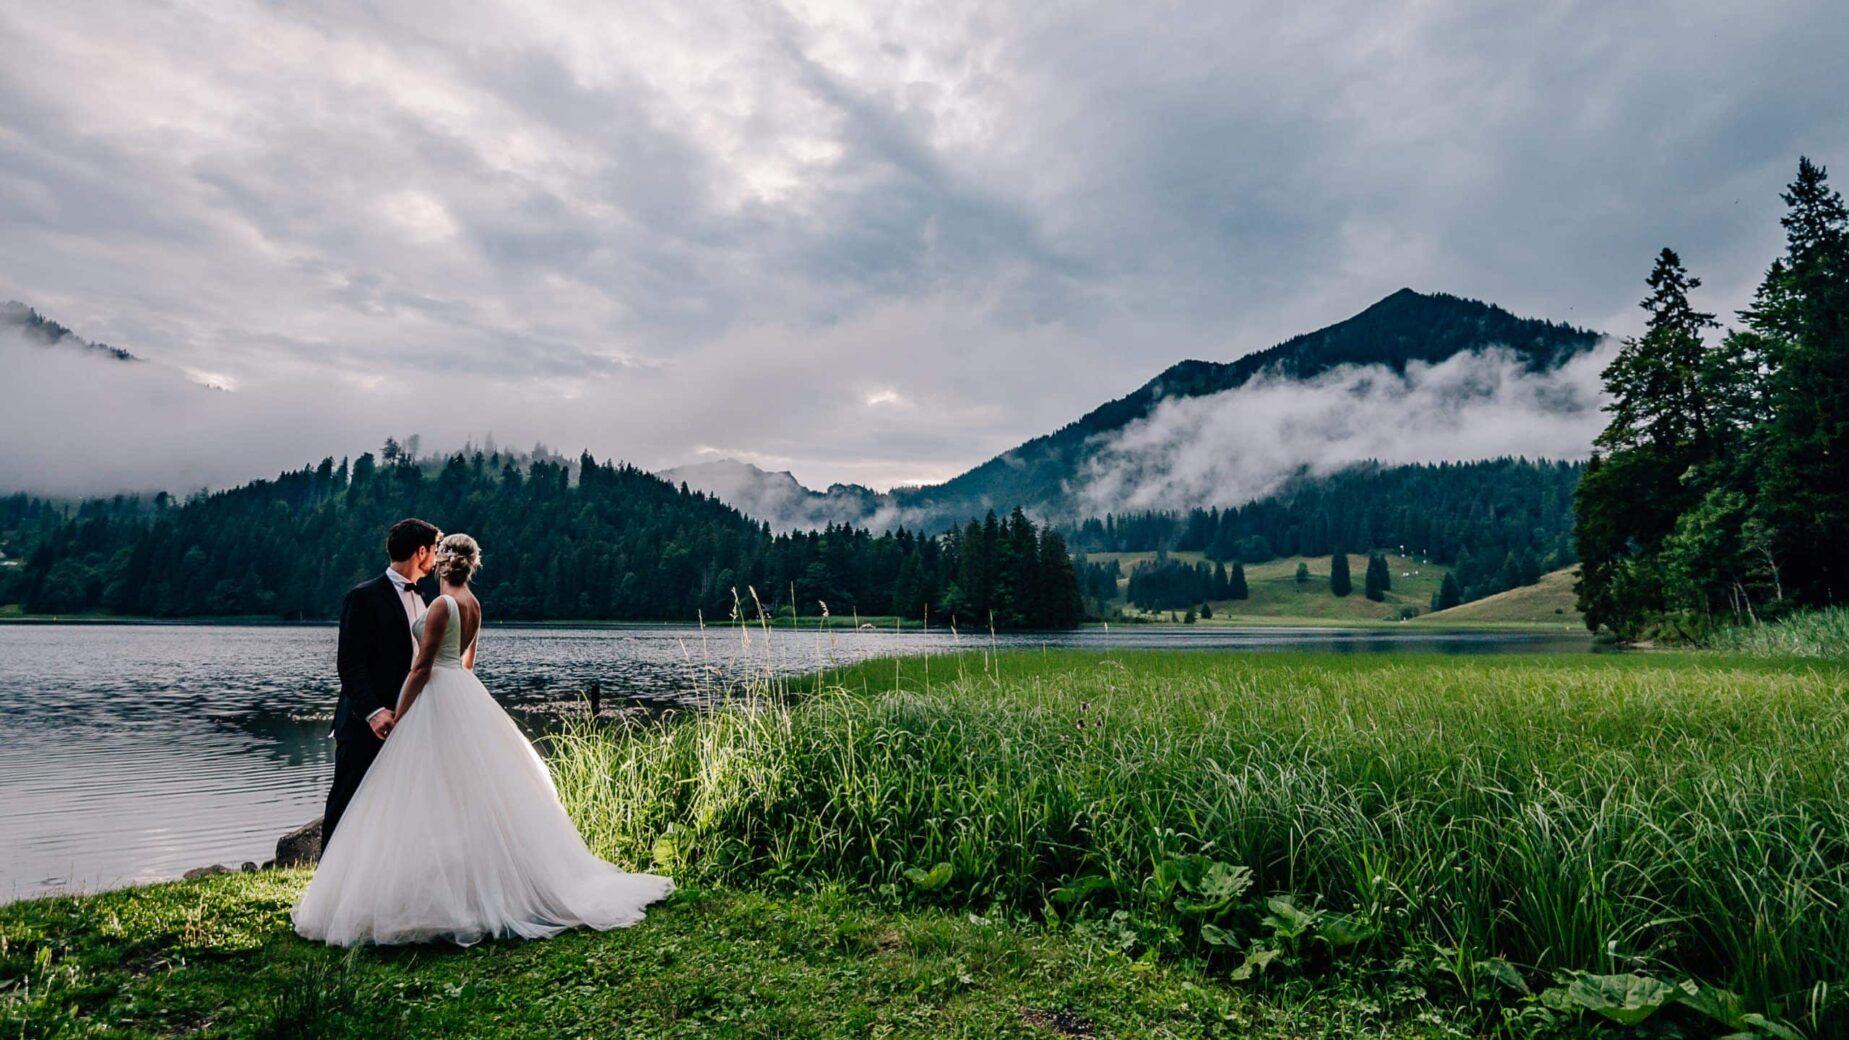 Professionelle Hochzeitsfotos am See, Hochzeitsfotografin aus Pfaffenhofen, Scheyern, Regenhochzeit am Spitzingsee, Berghochzeit